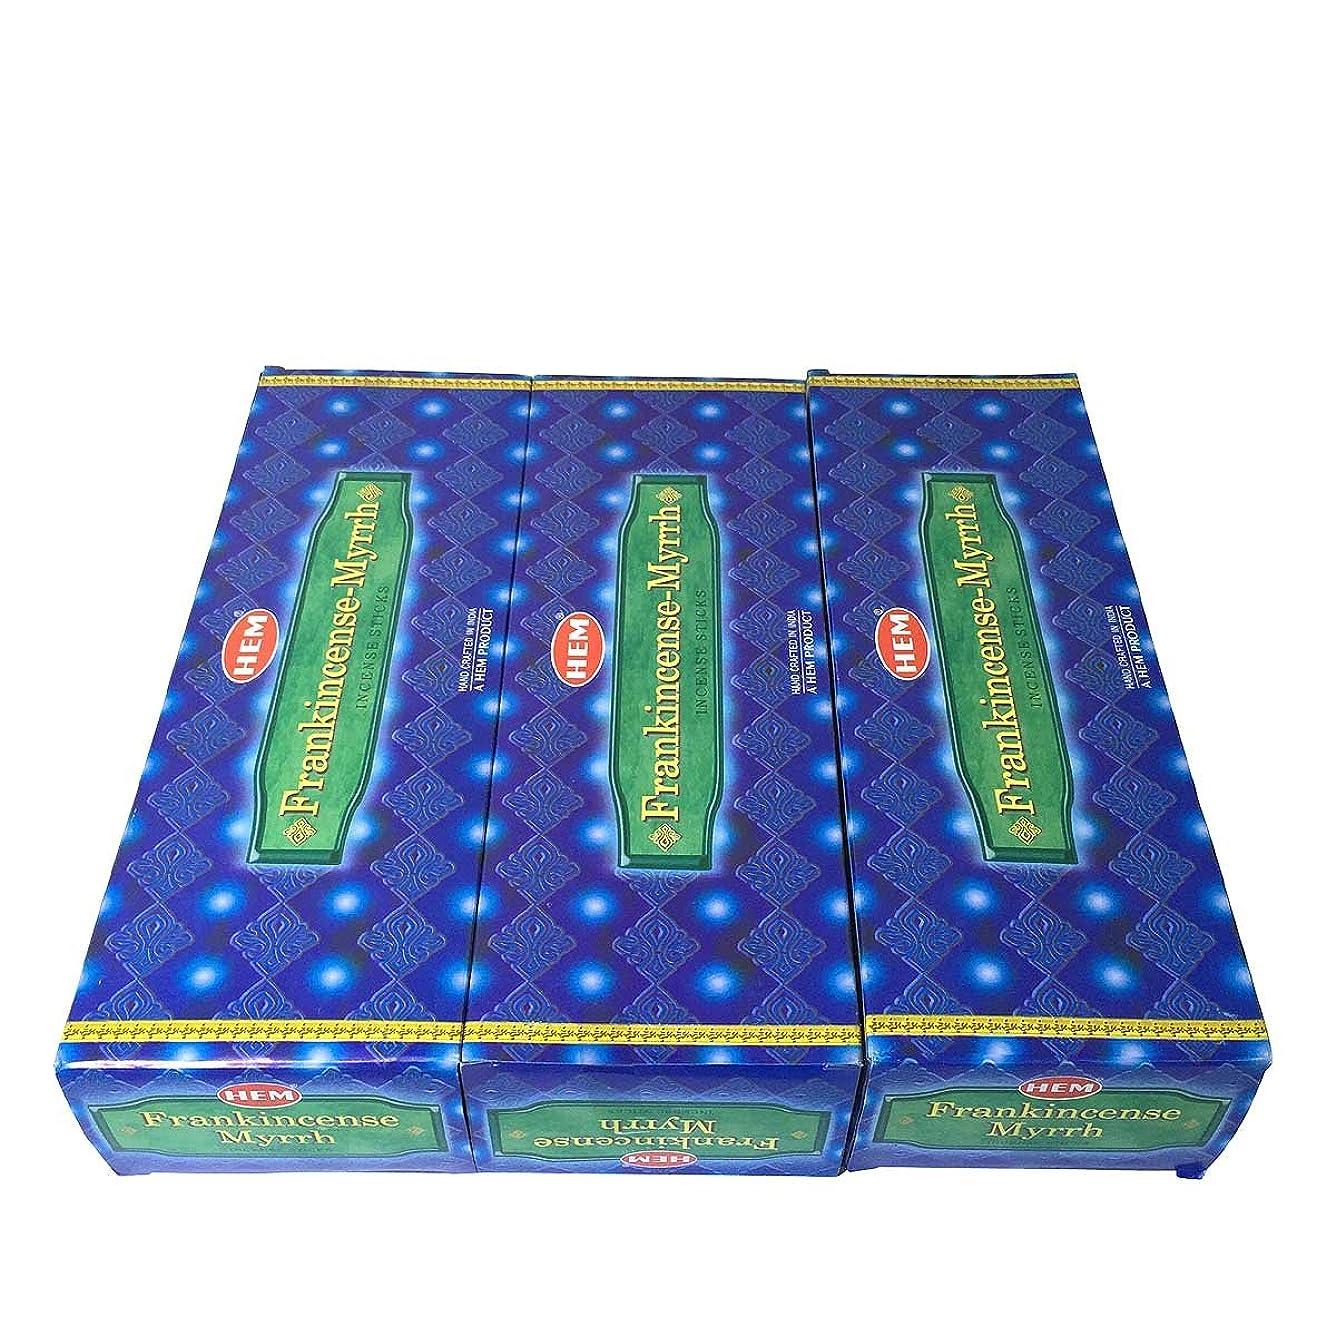 フランキンセンス ミルラ香スティック 3BOX(18箱) /HEM FRANKINCENSE MYRRH/インセンス/インド香 お香 [並行輸入品]